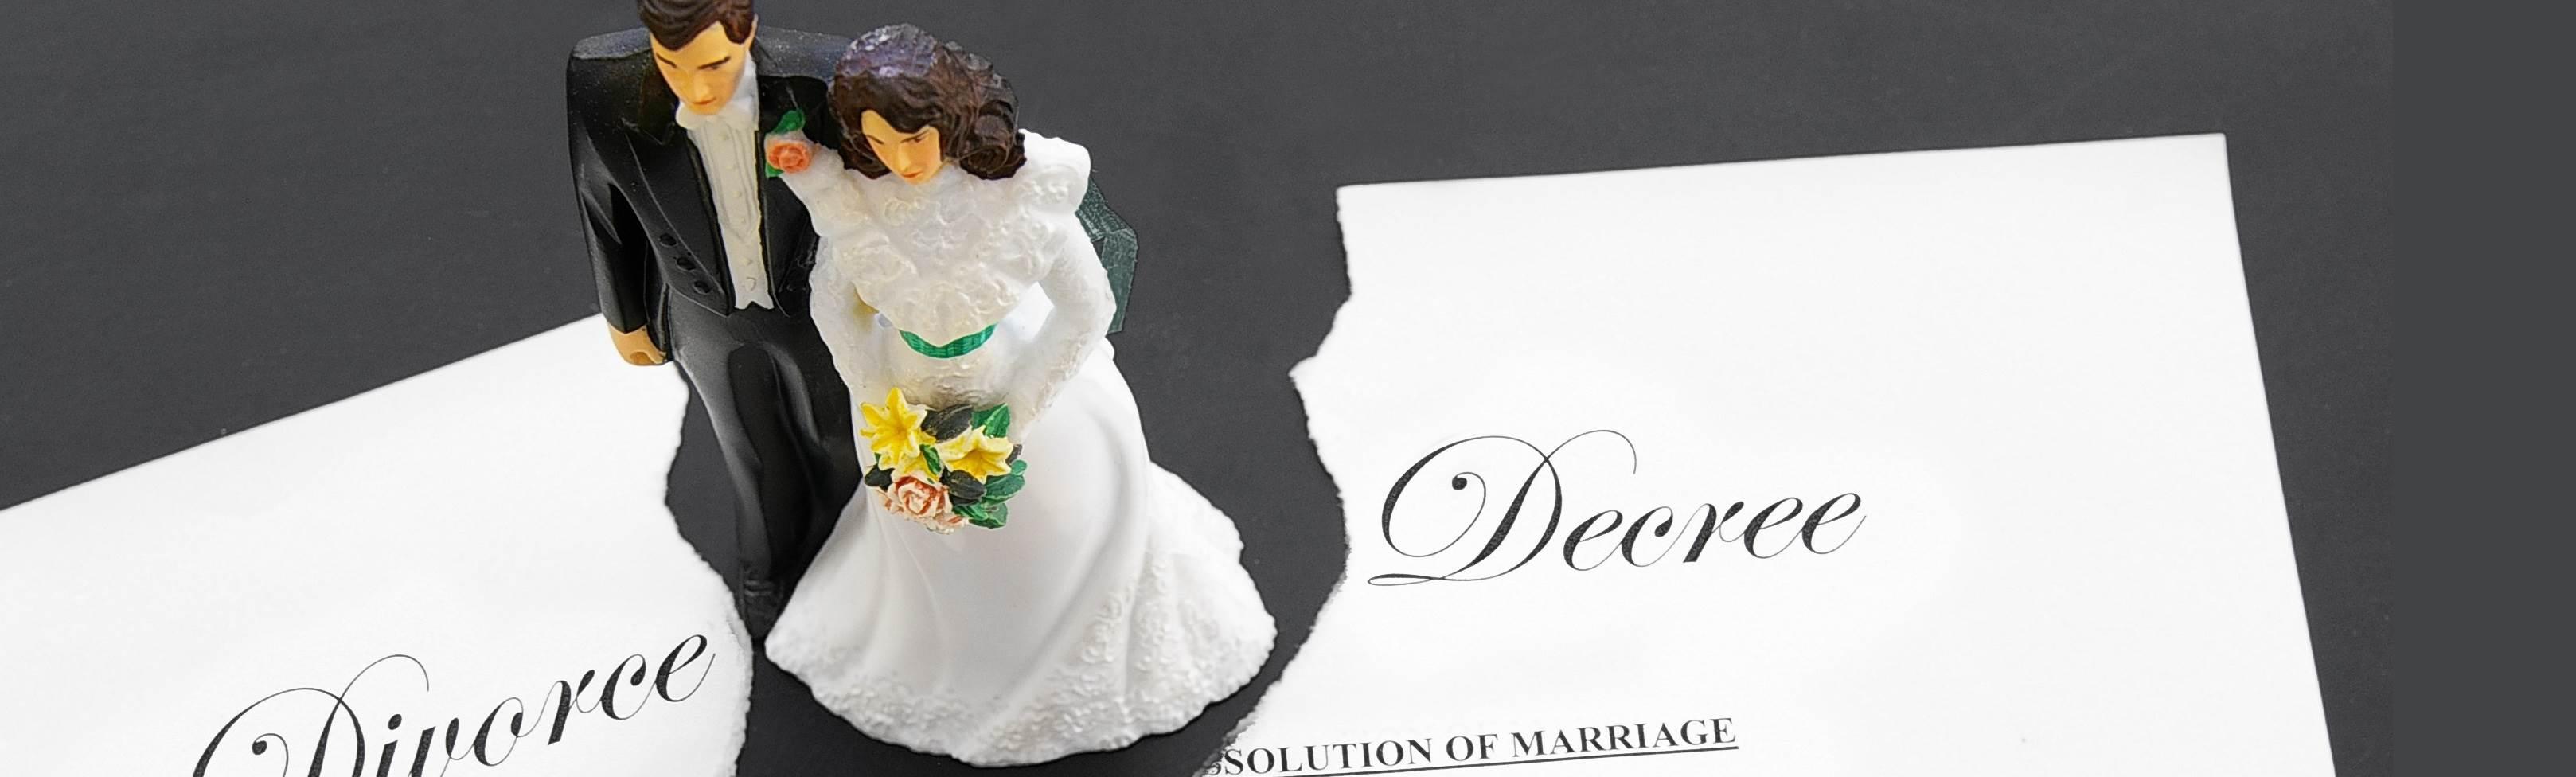 echtscheiding doetinchem